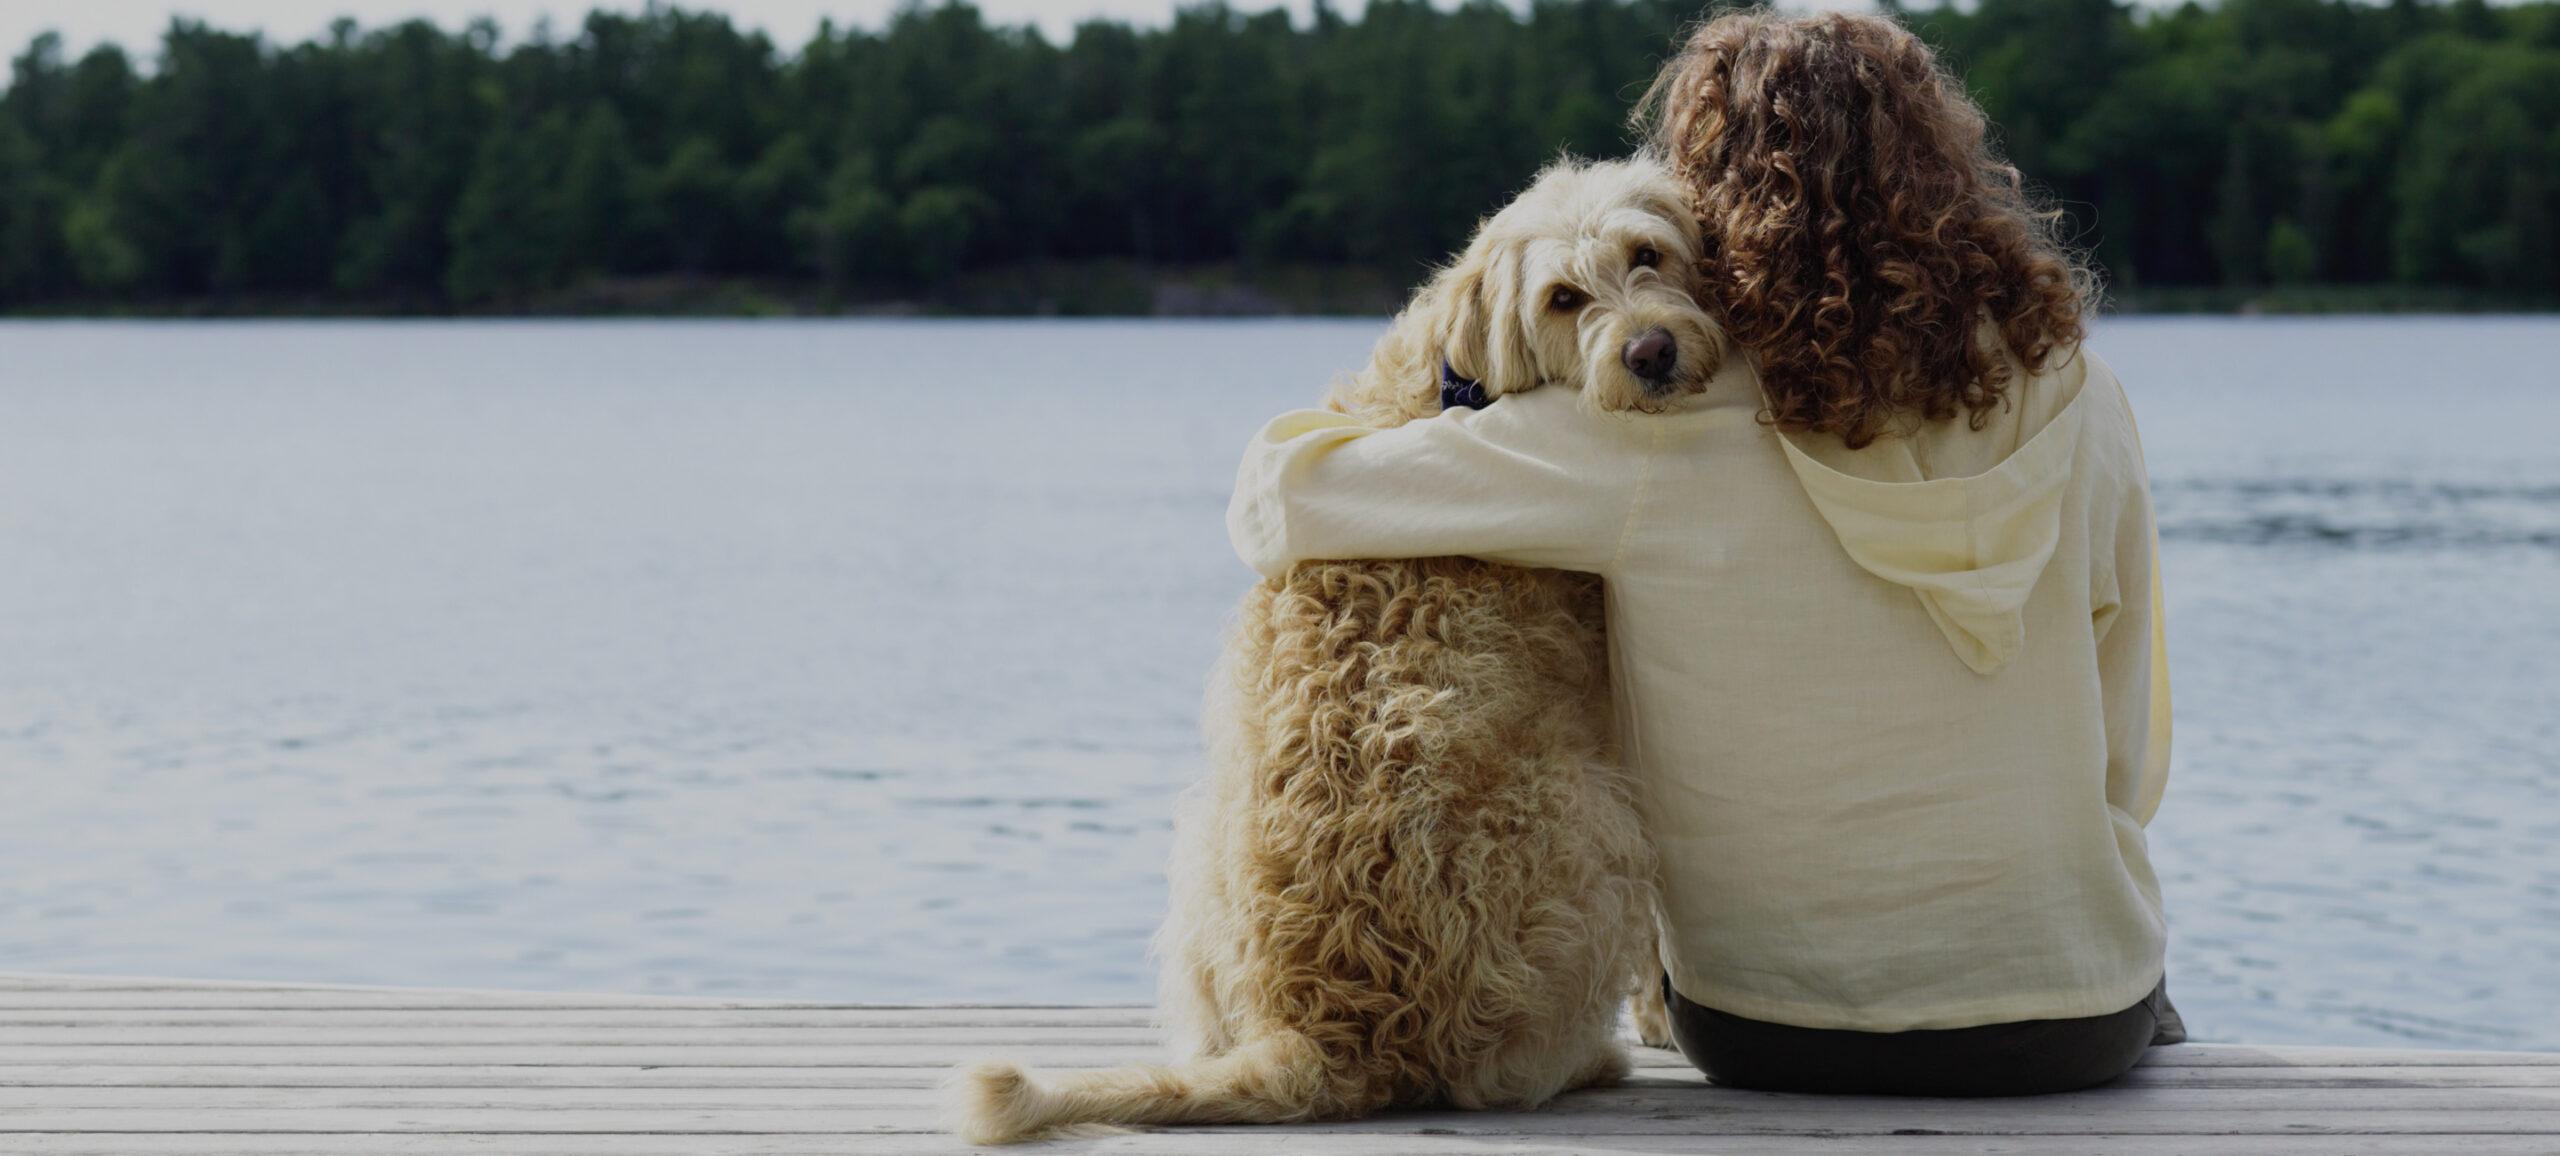 Frau sitzt mit Hund auf Steg an Wasserkante